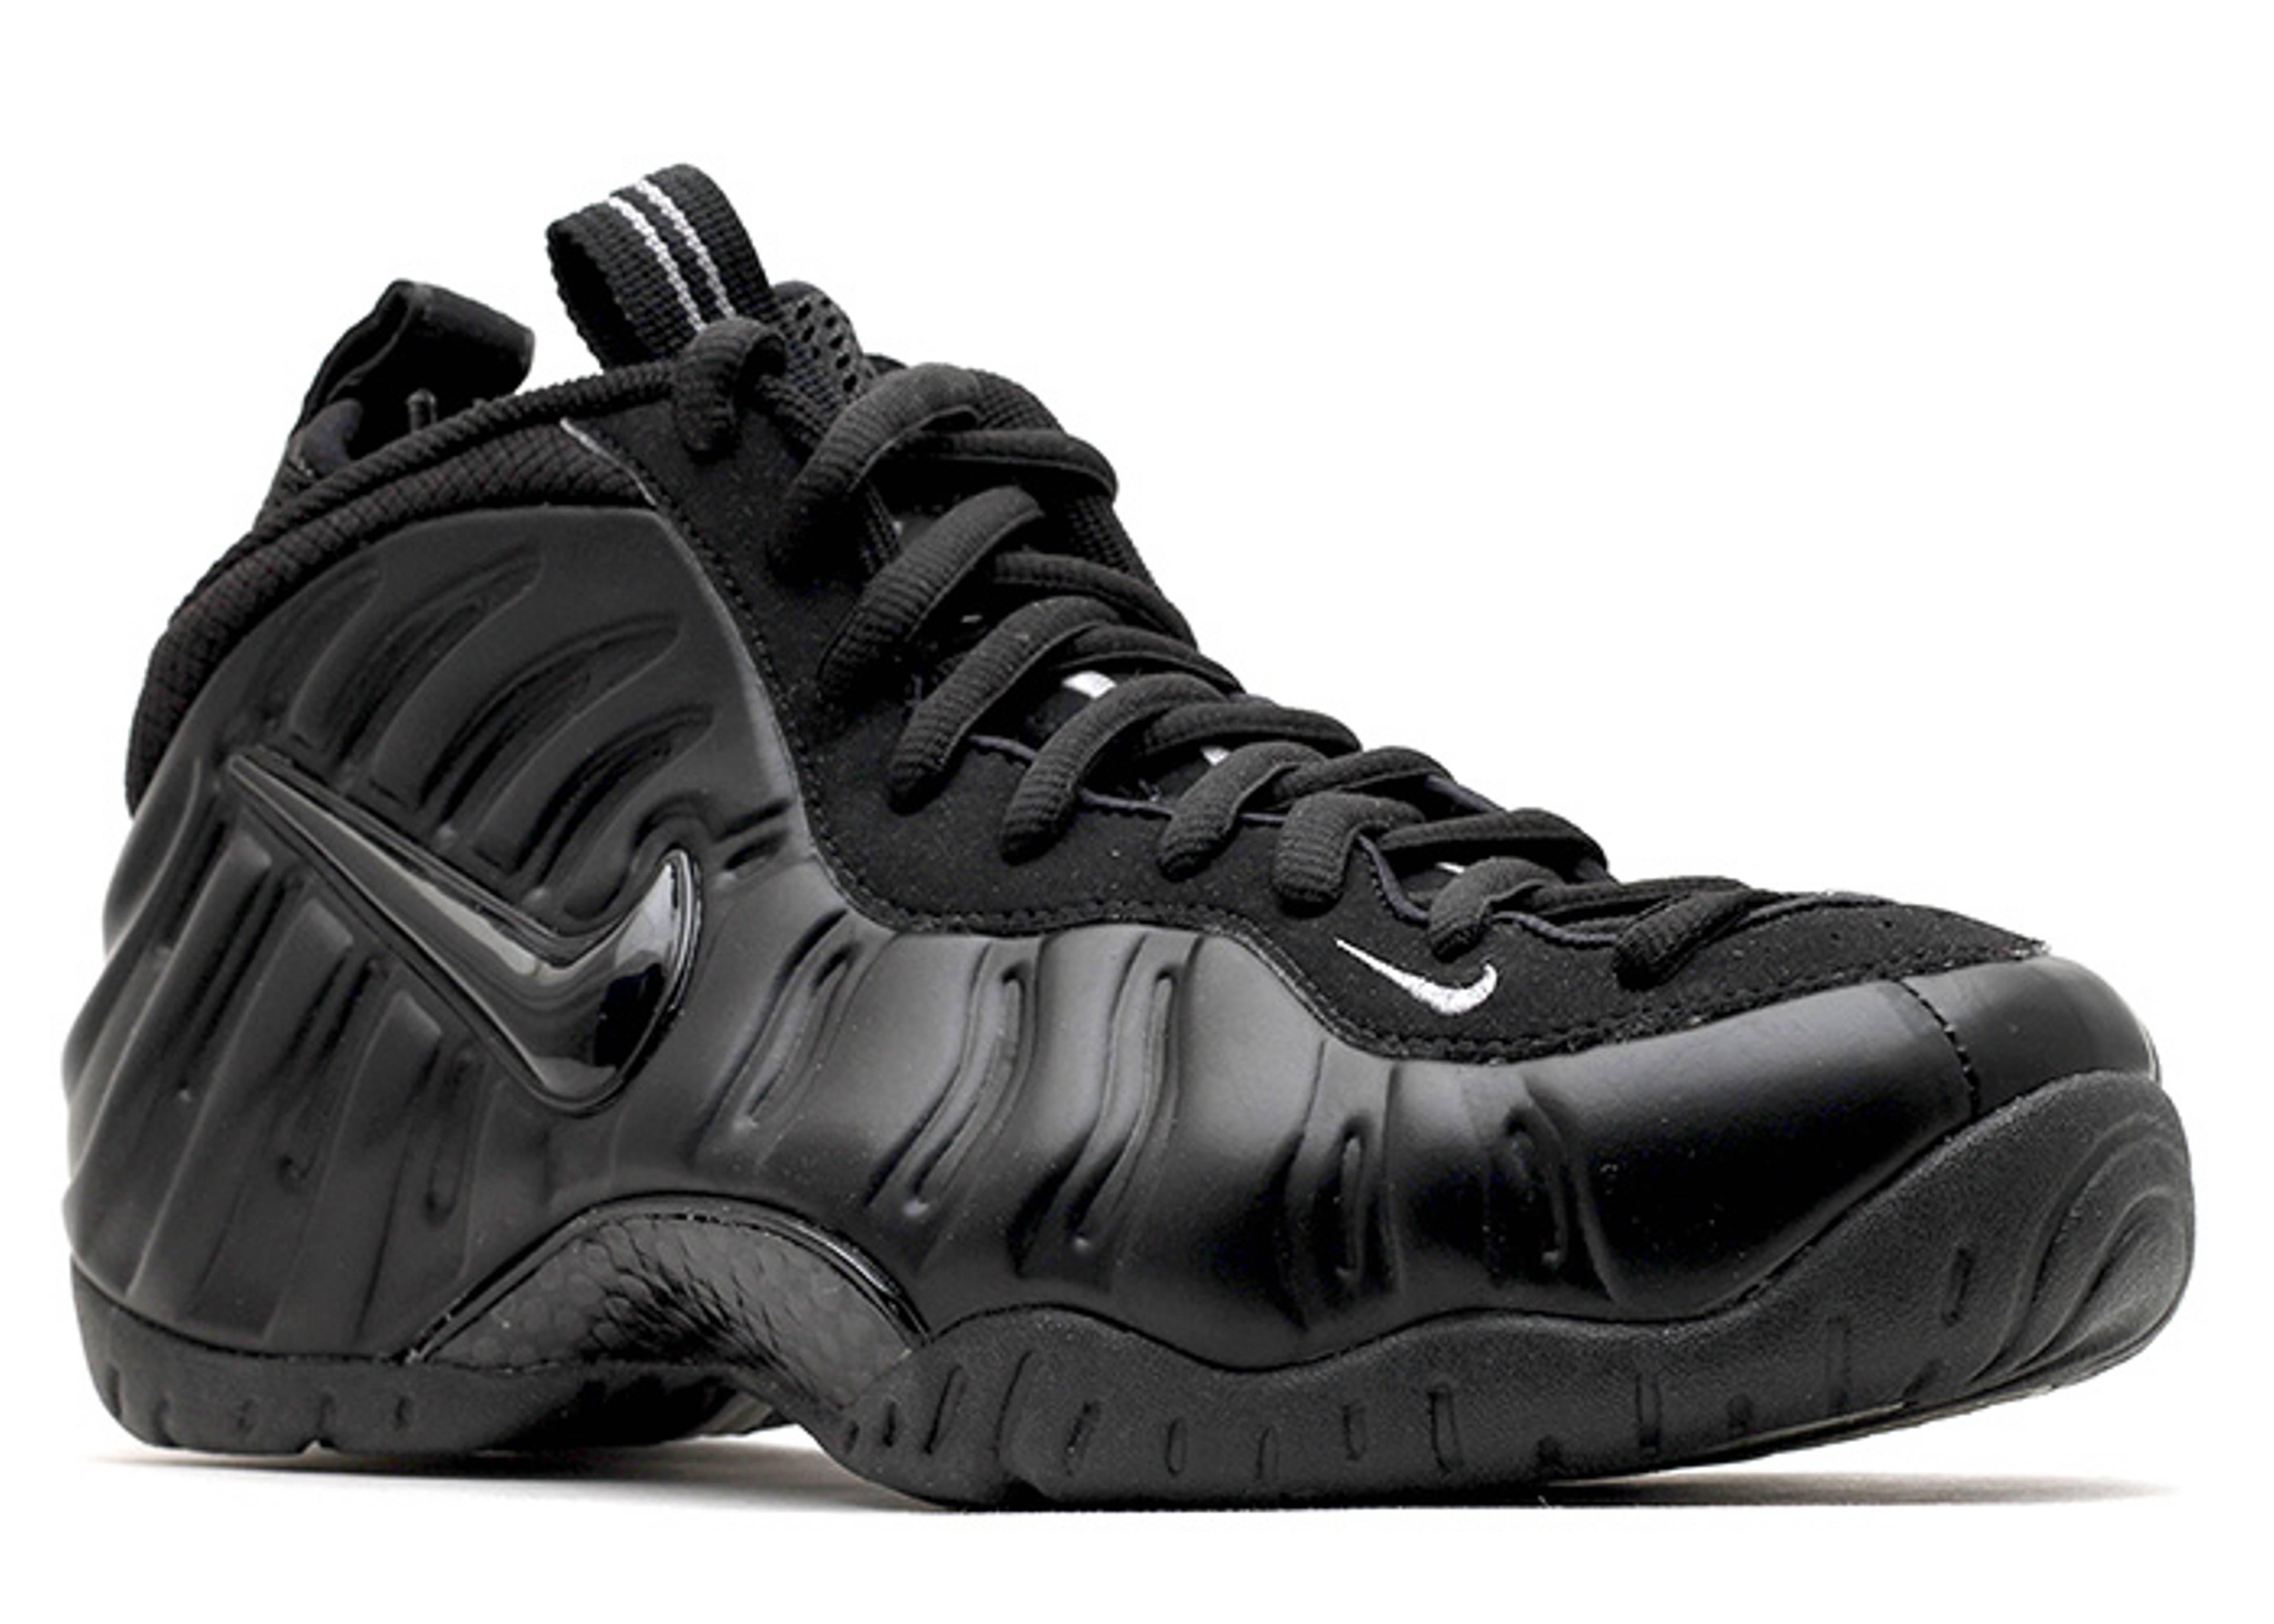 Nike Foamposite Shoes